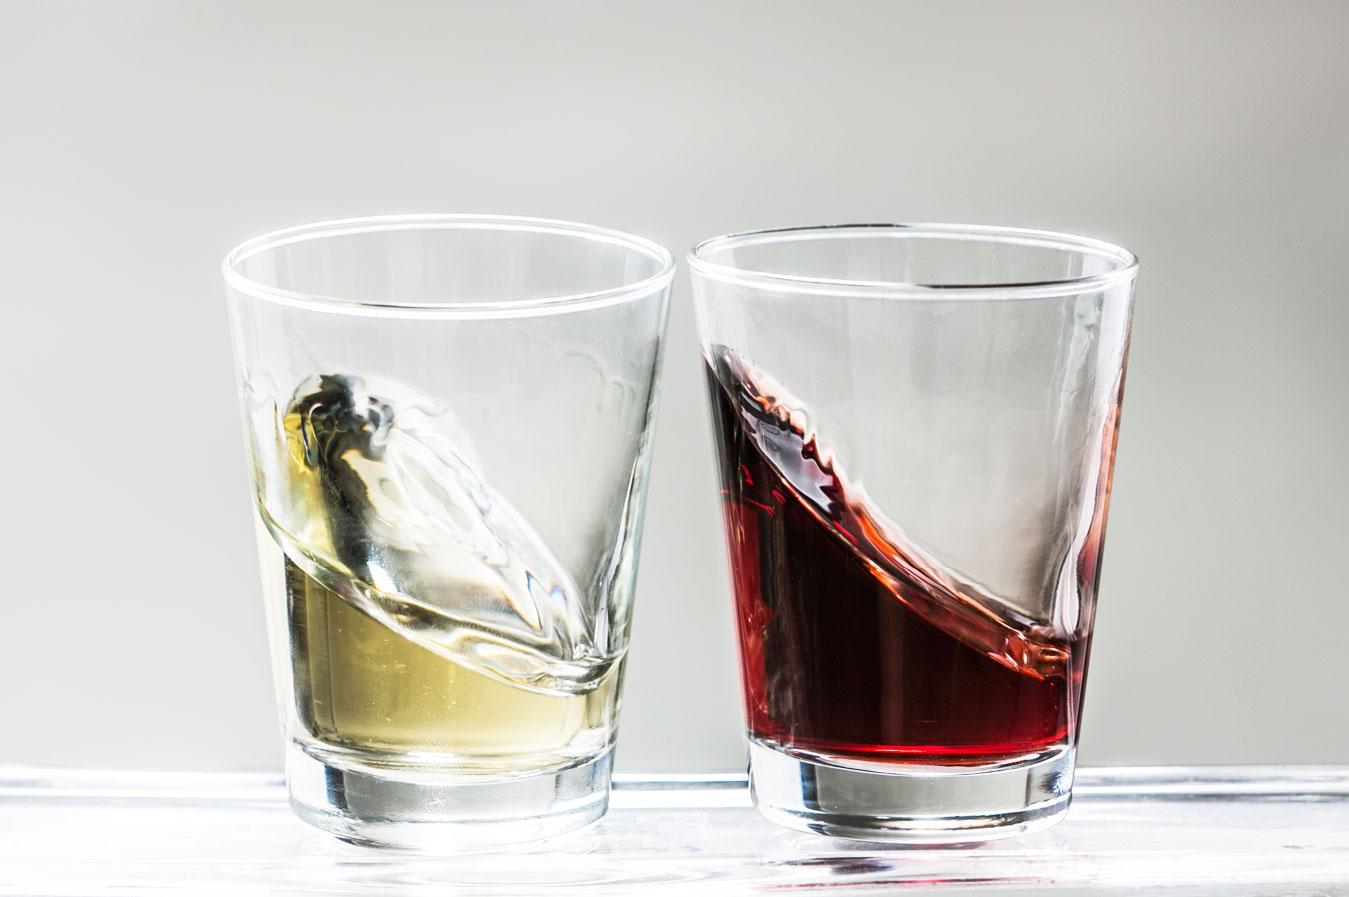 Floc-de-Gascogne blanc et Floc-de-Gascogne rouge